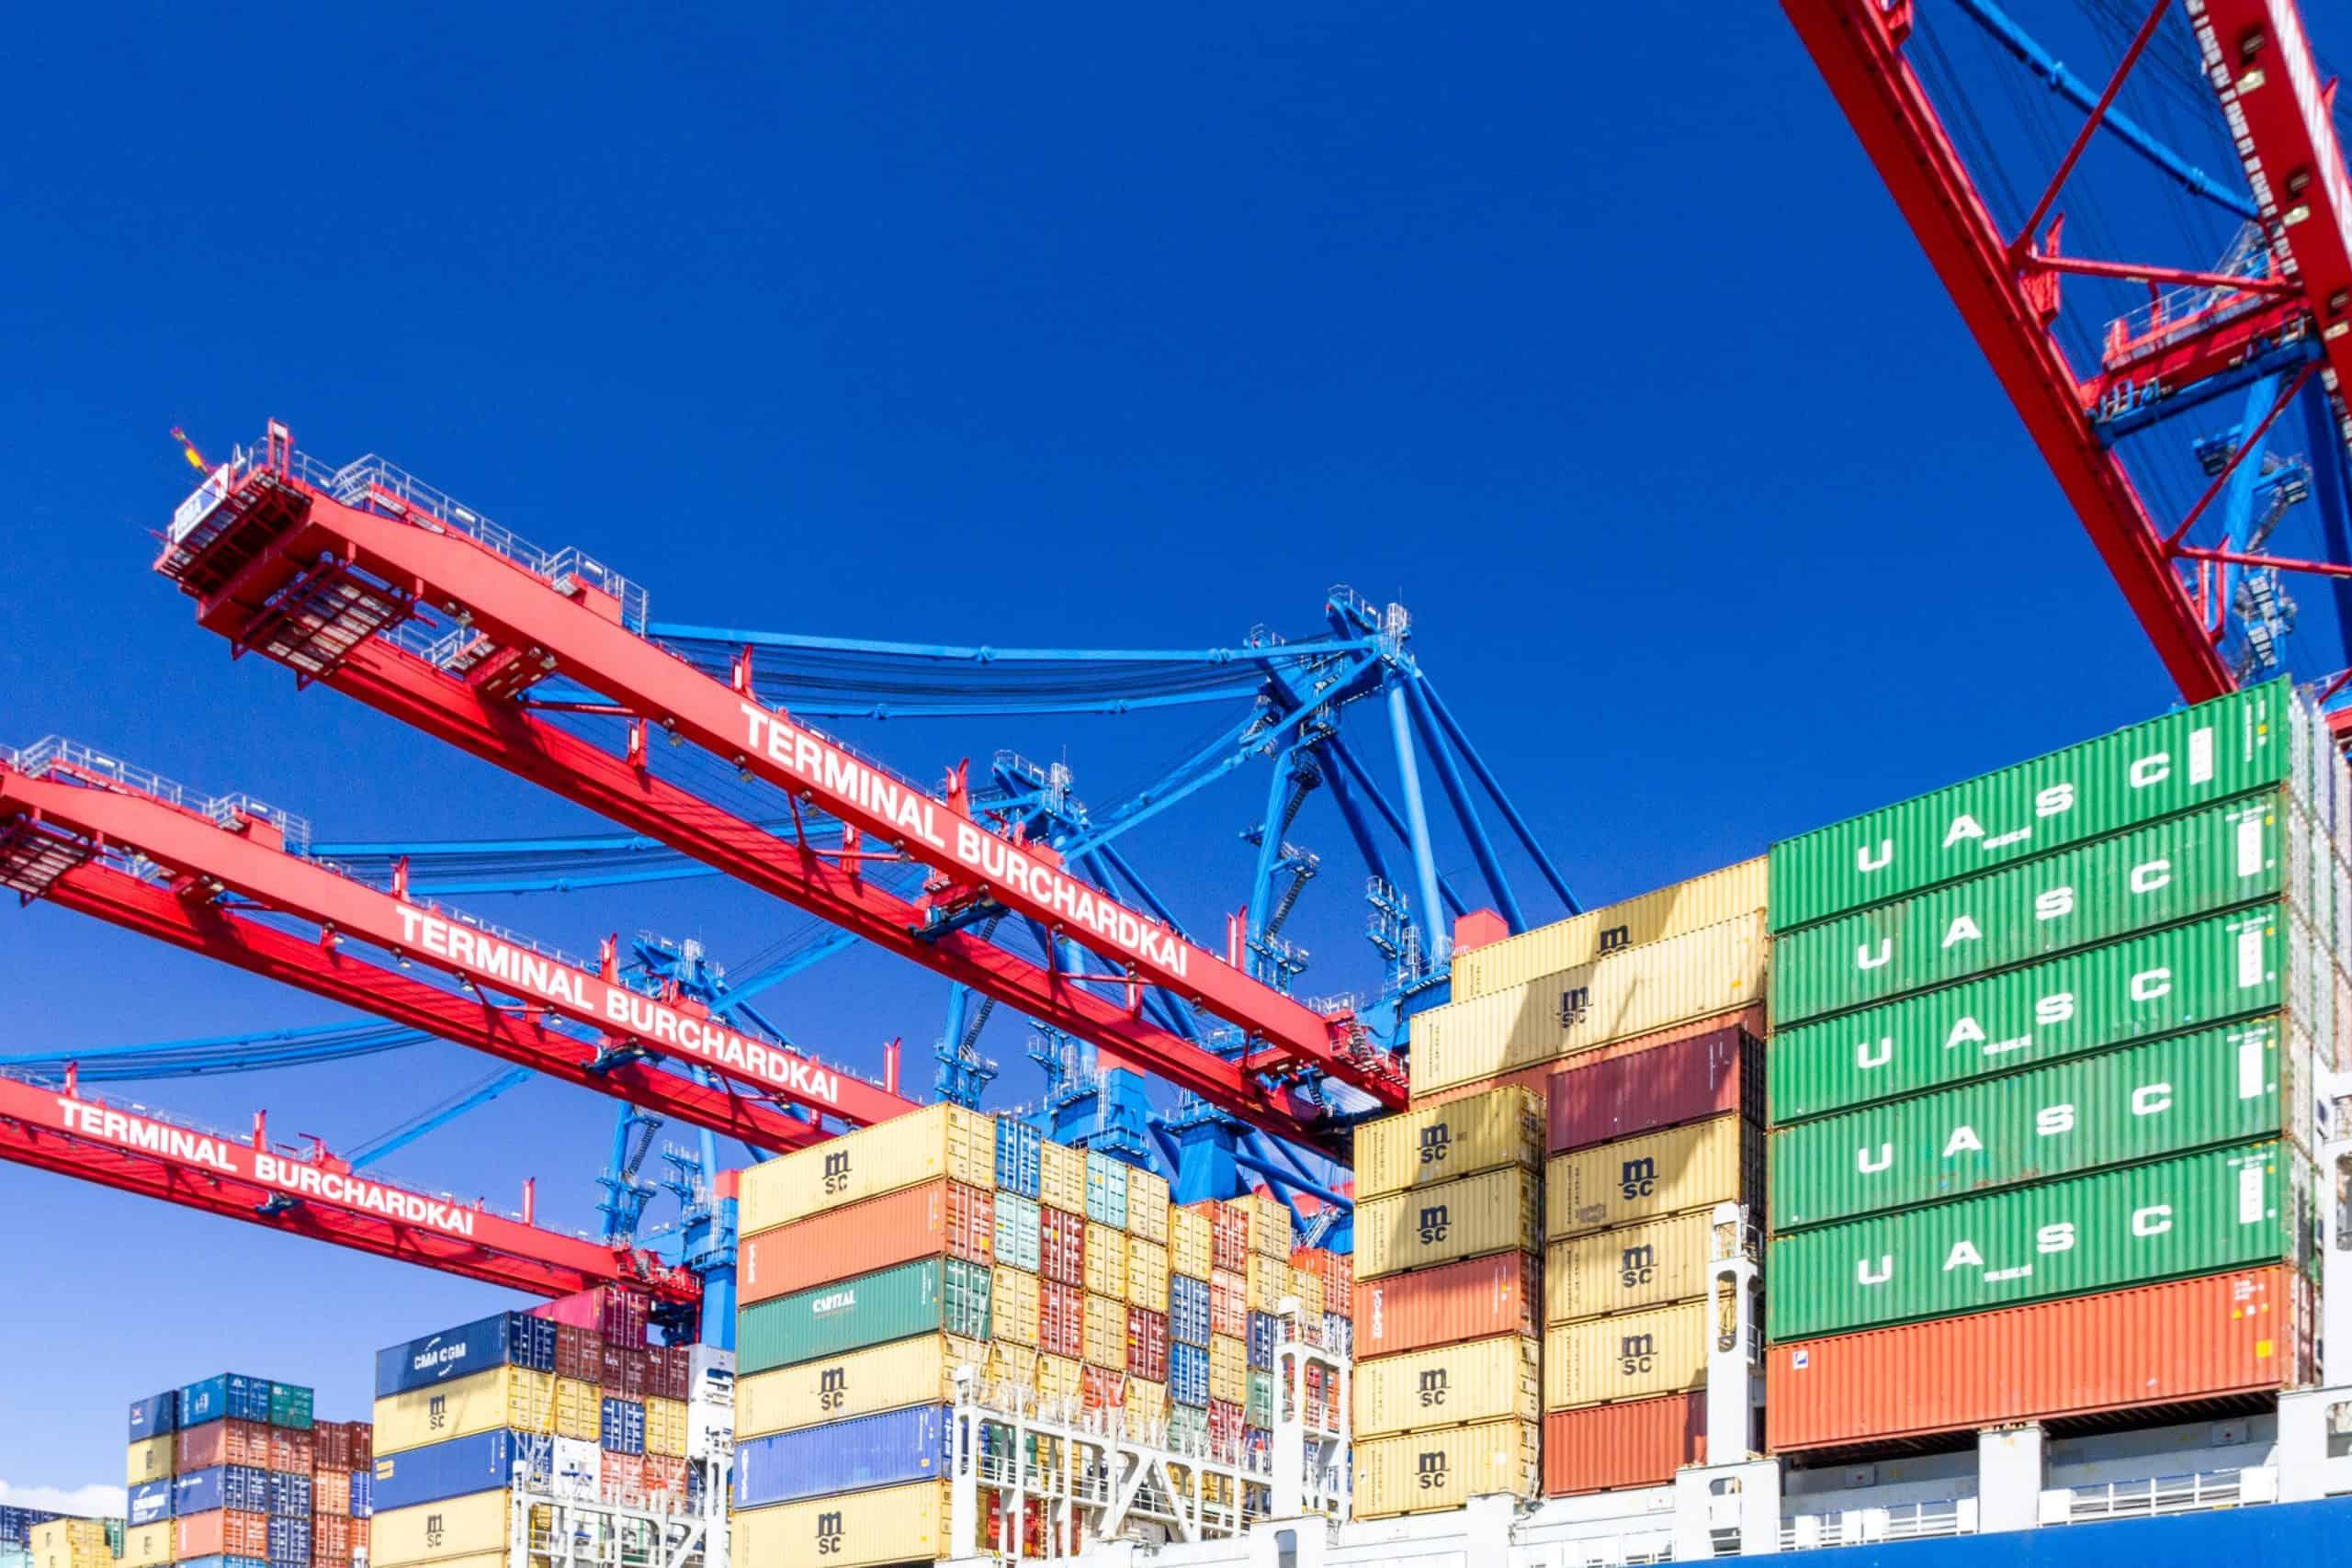 Liste der 3 größten Logistik-Unternehmen in Hamburg